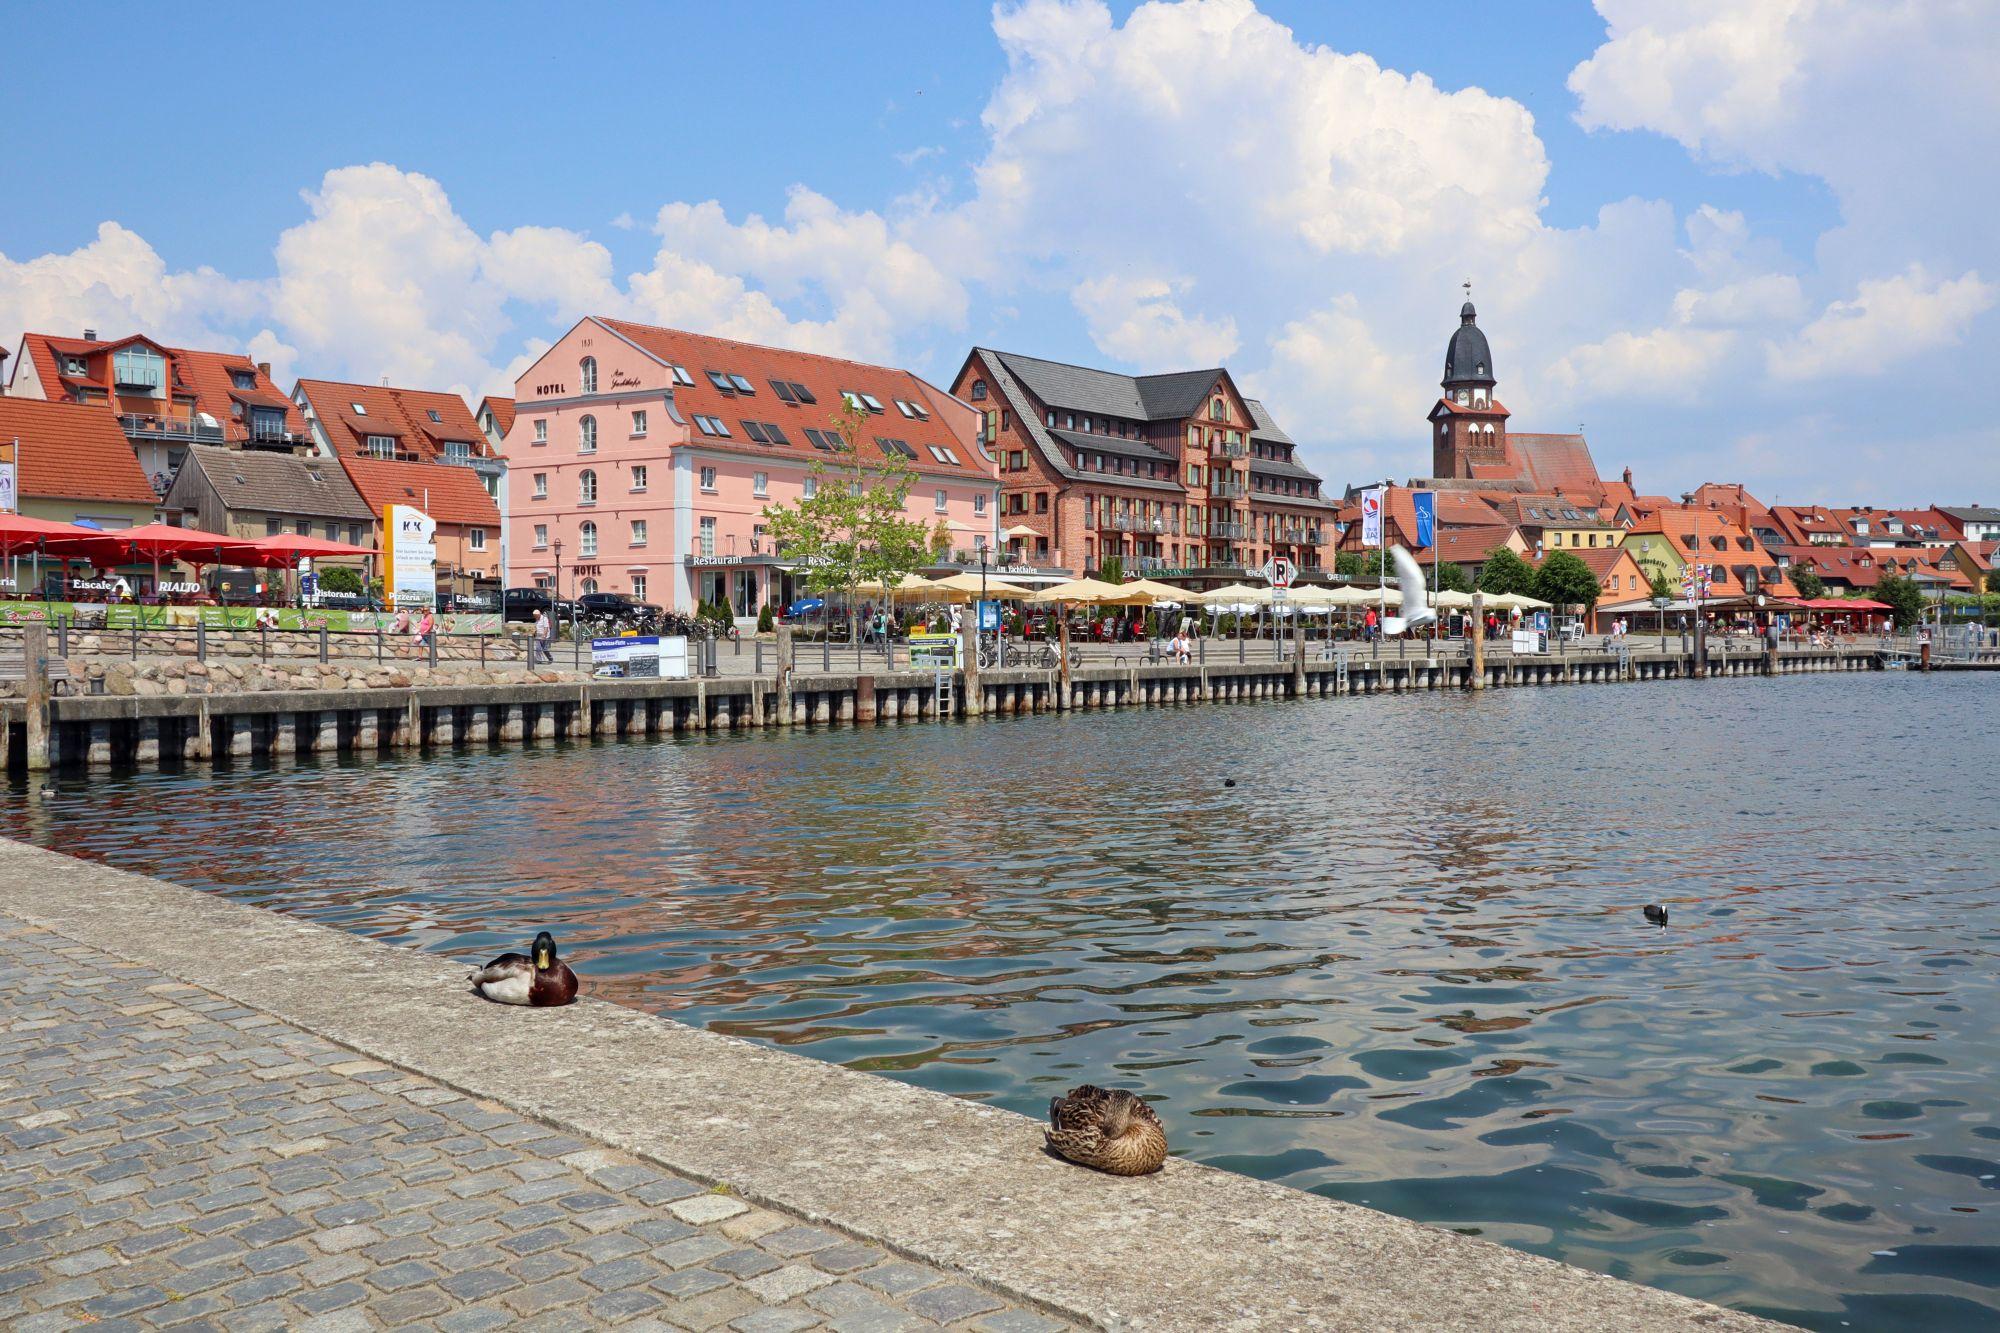 Neues entfachen in Mecklenburg-Vorpommern